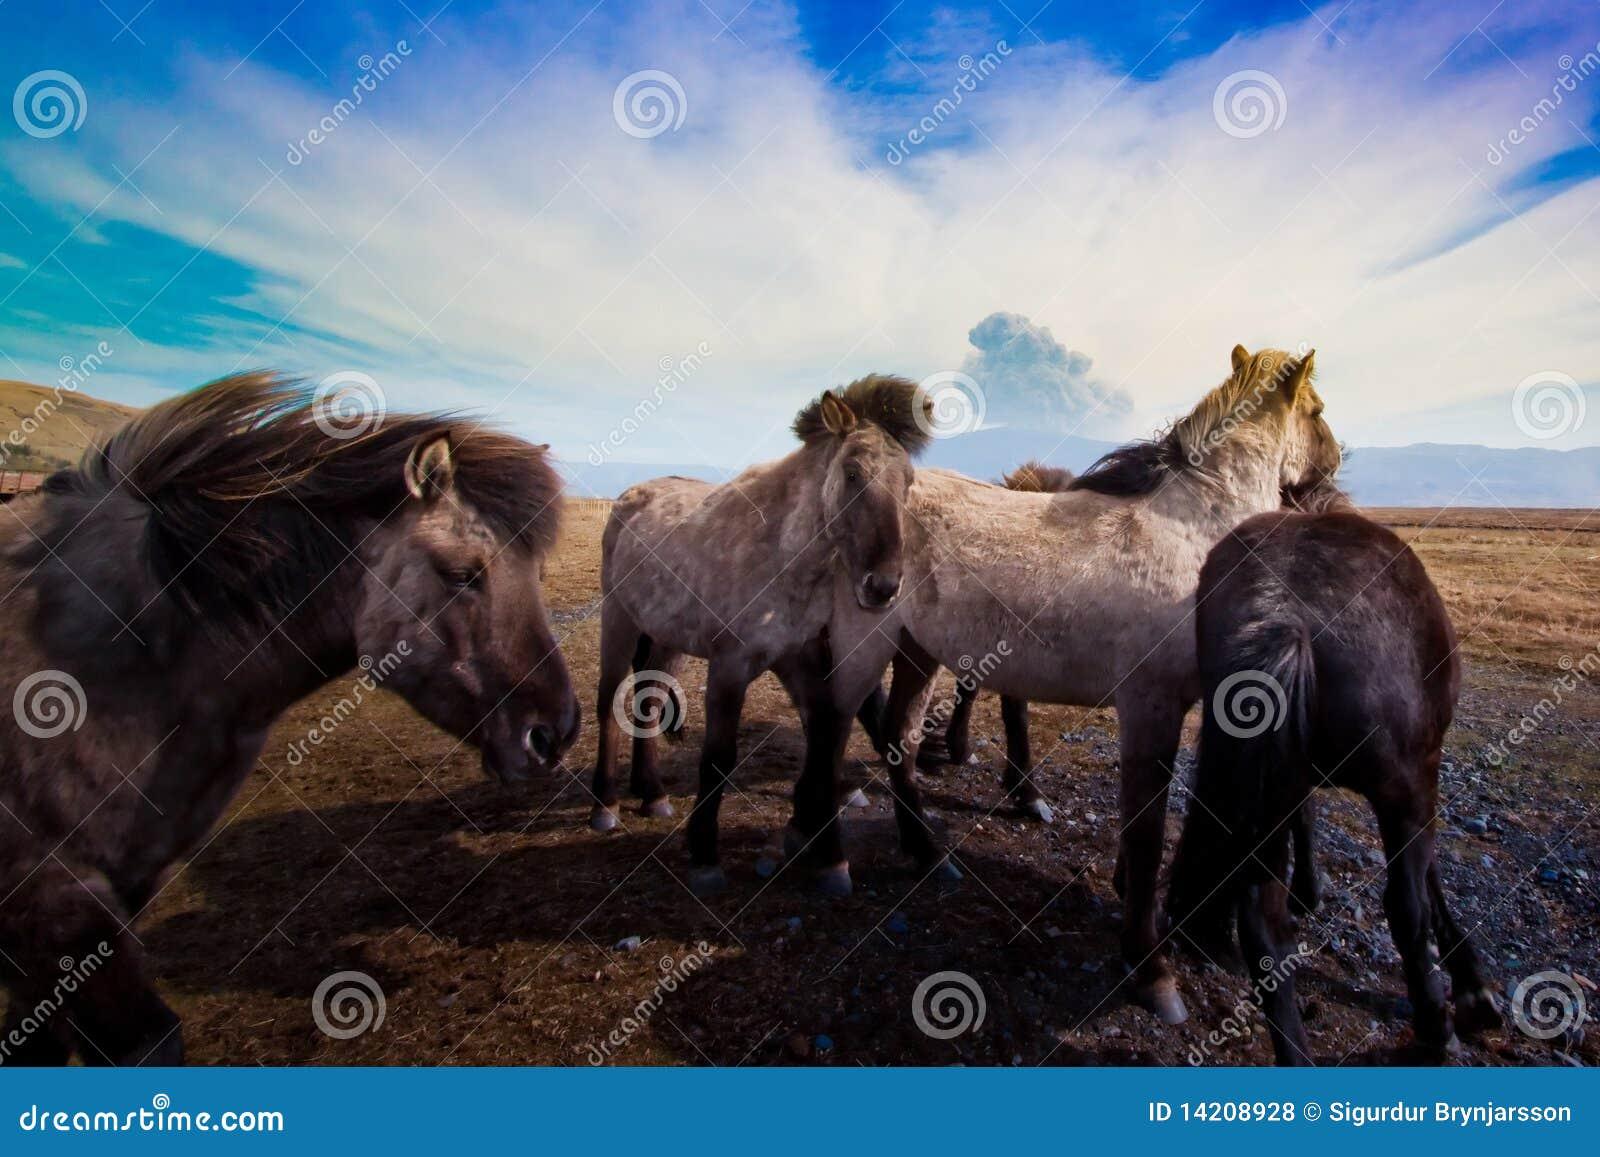 Icelandic horses and volcano